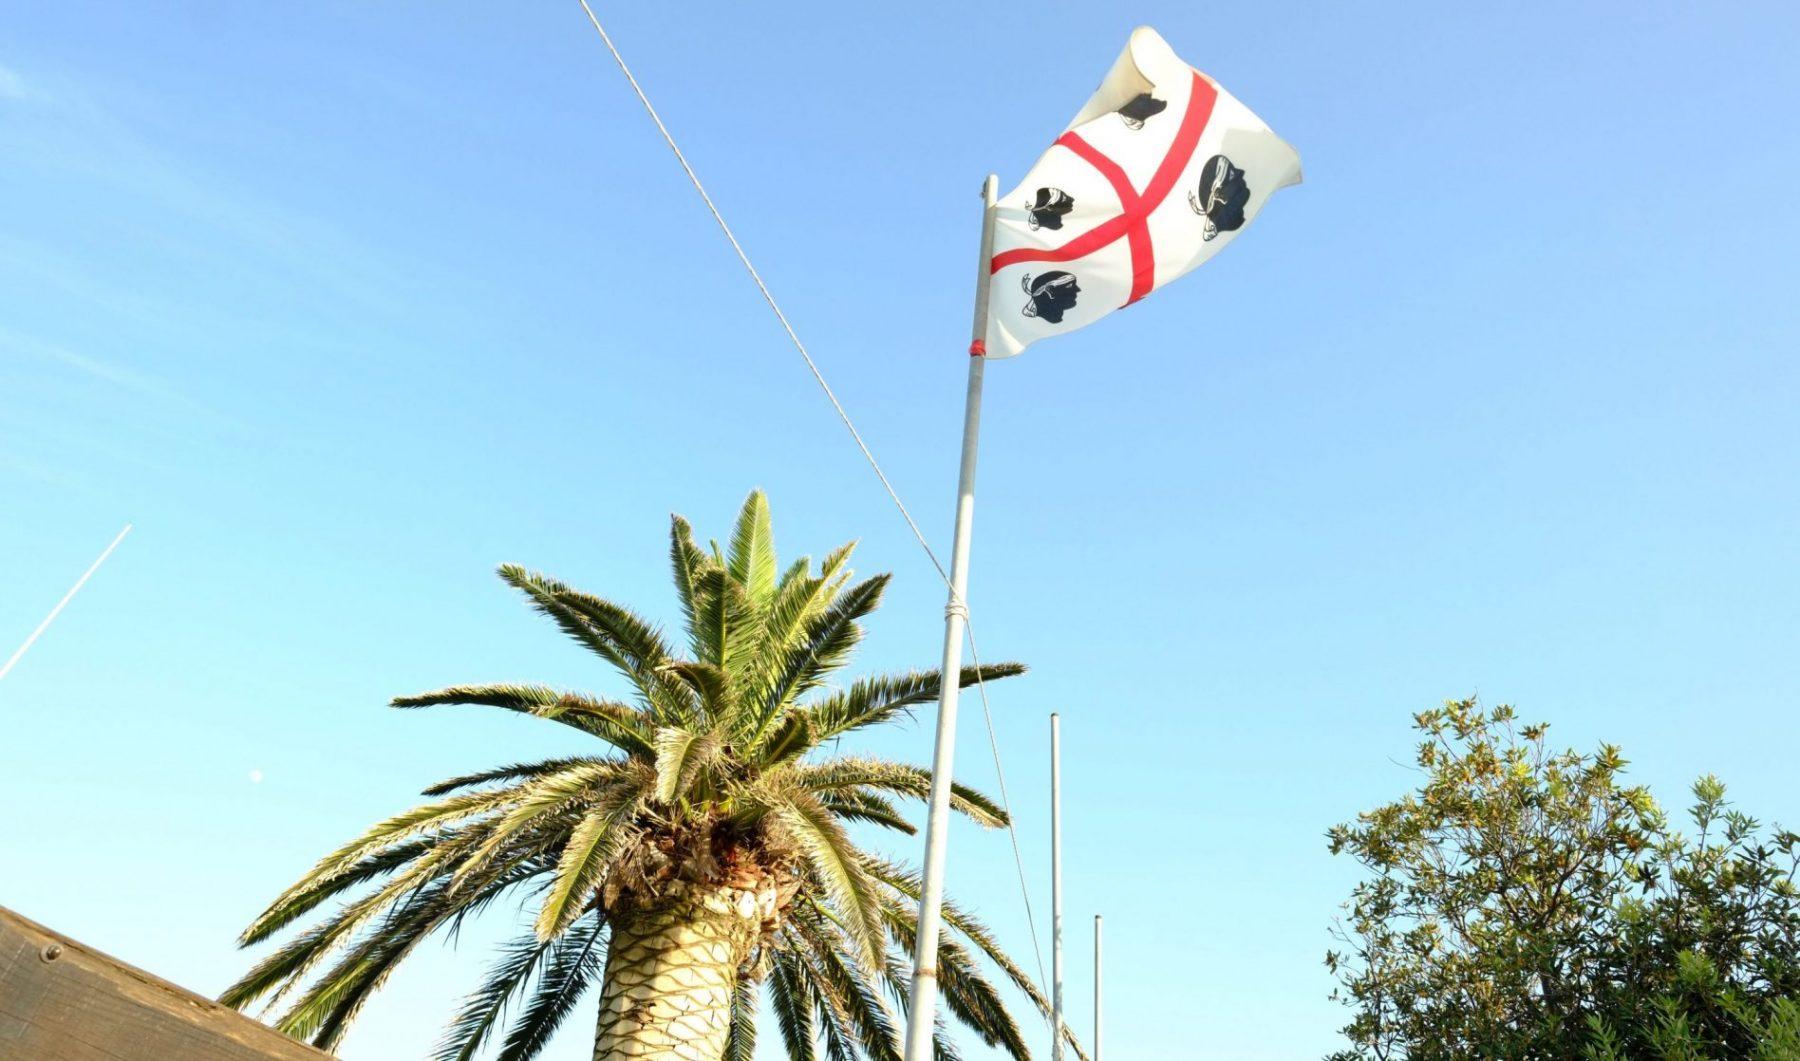 Le drapeau de la Sardaigne flottant sur Canigionne